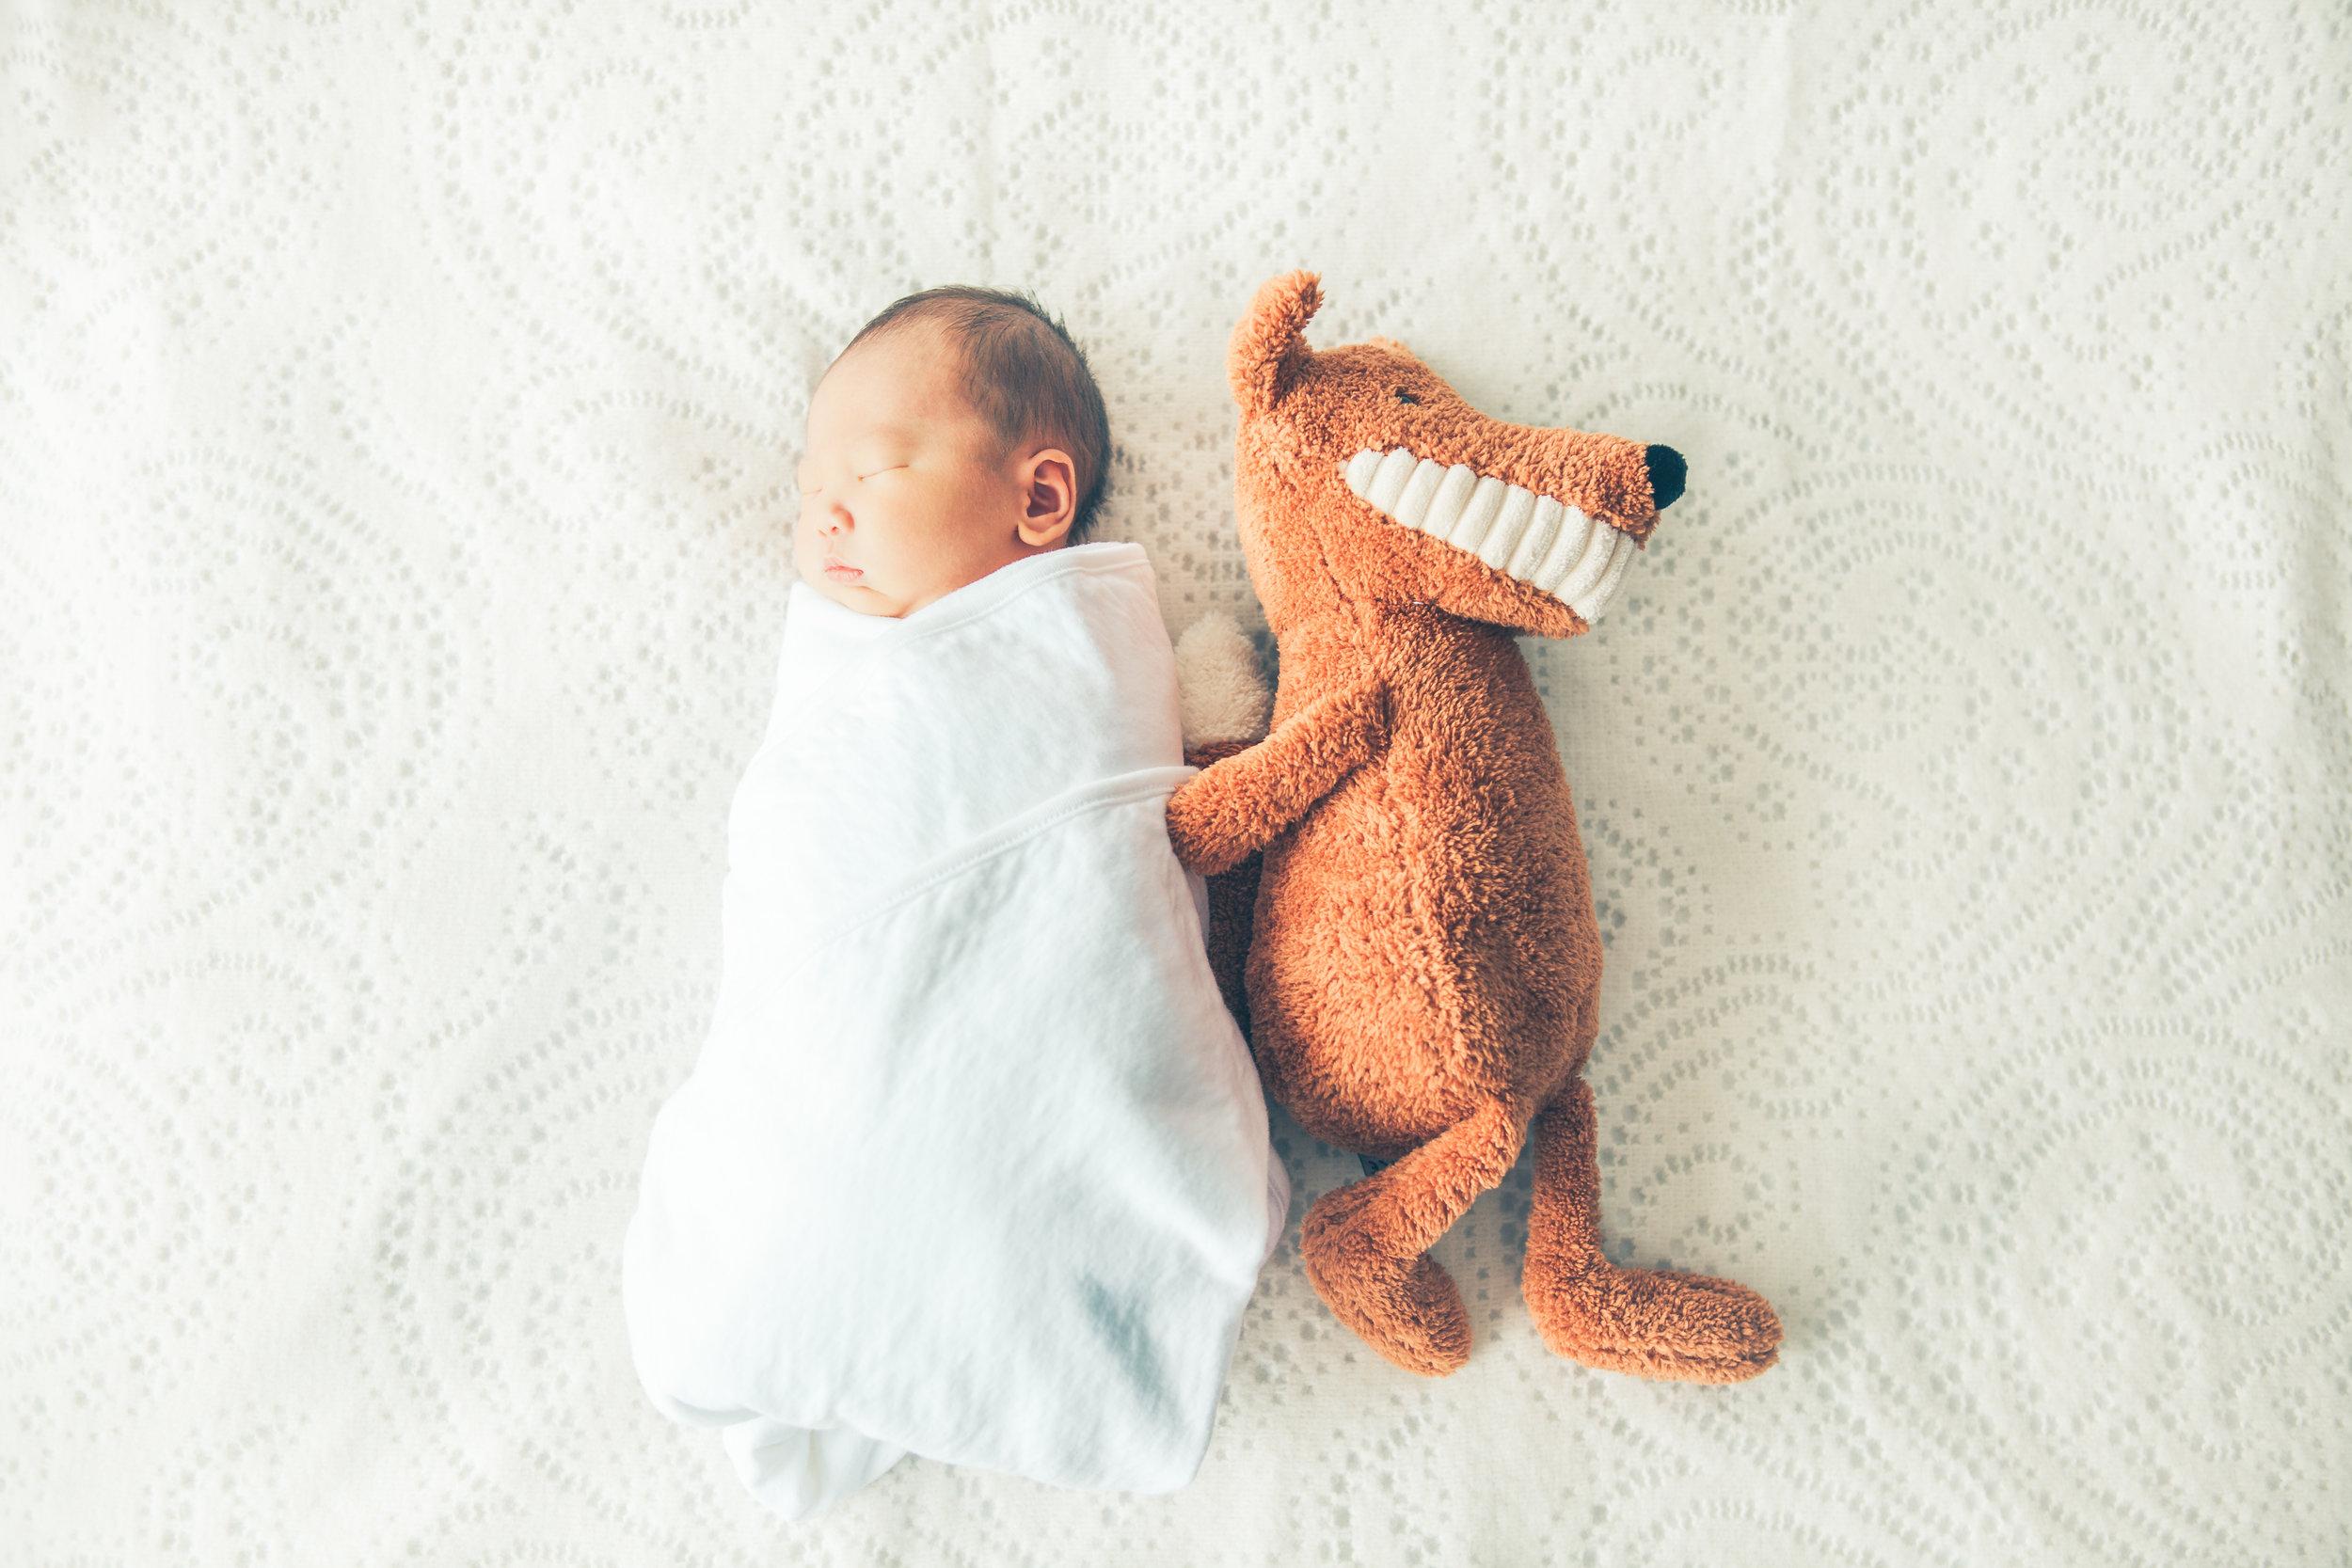 XiaoHou Newborn-025.jpg